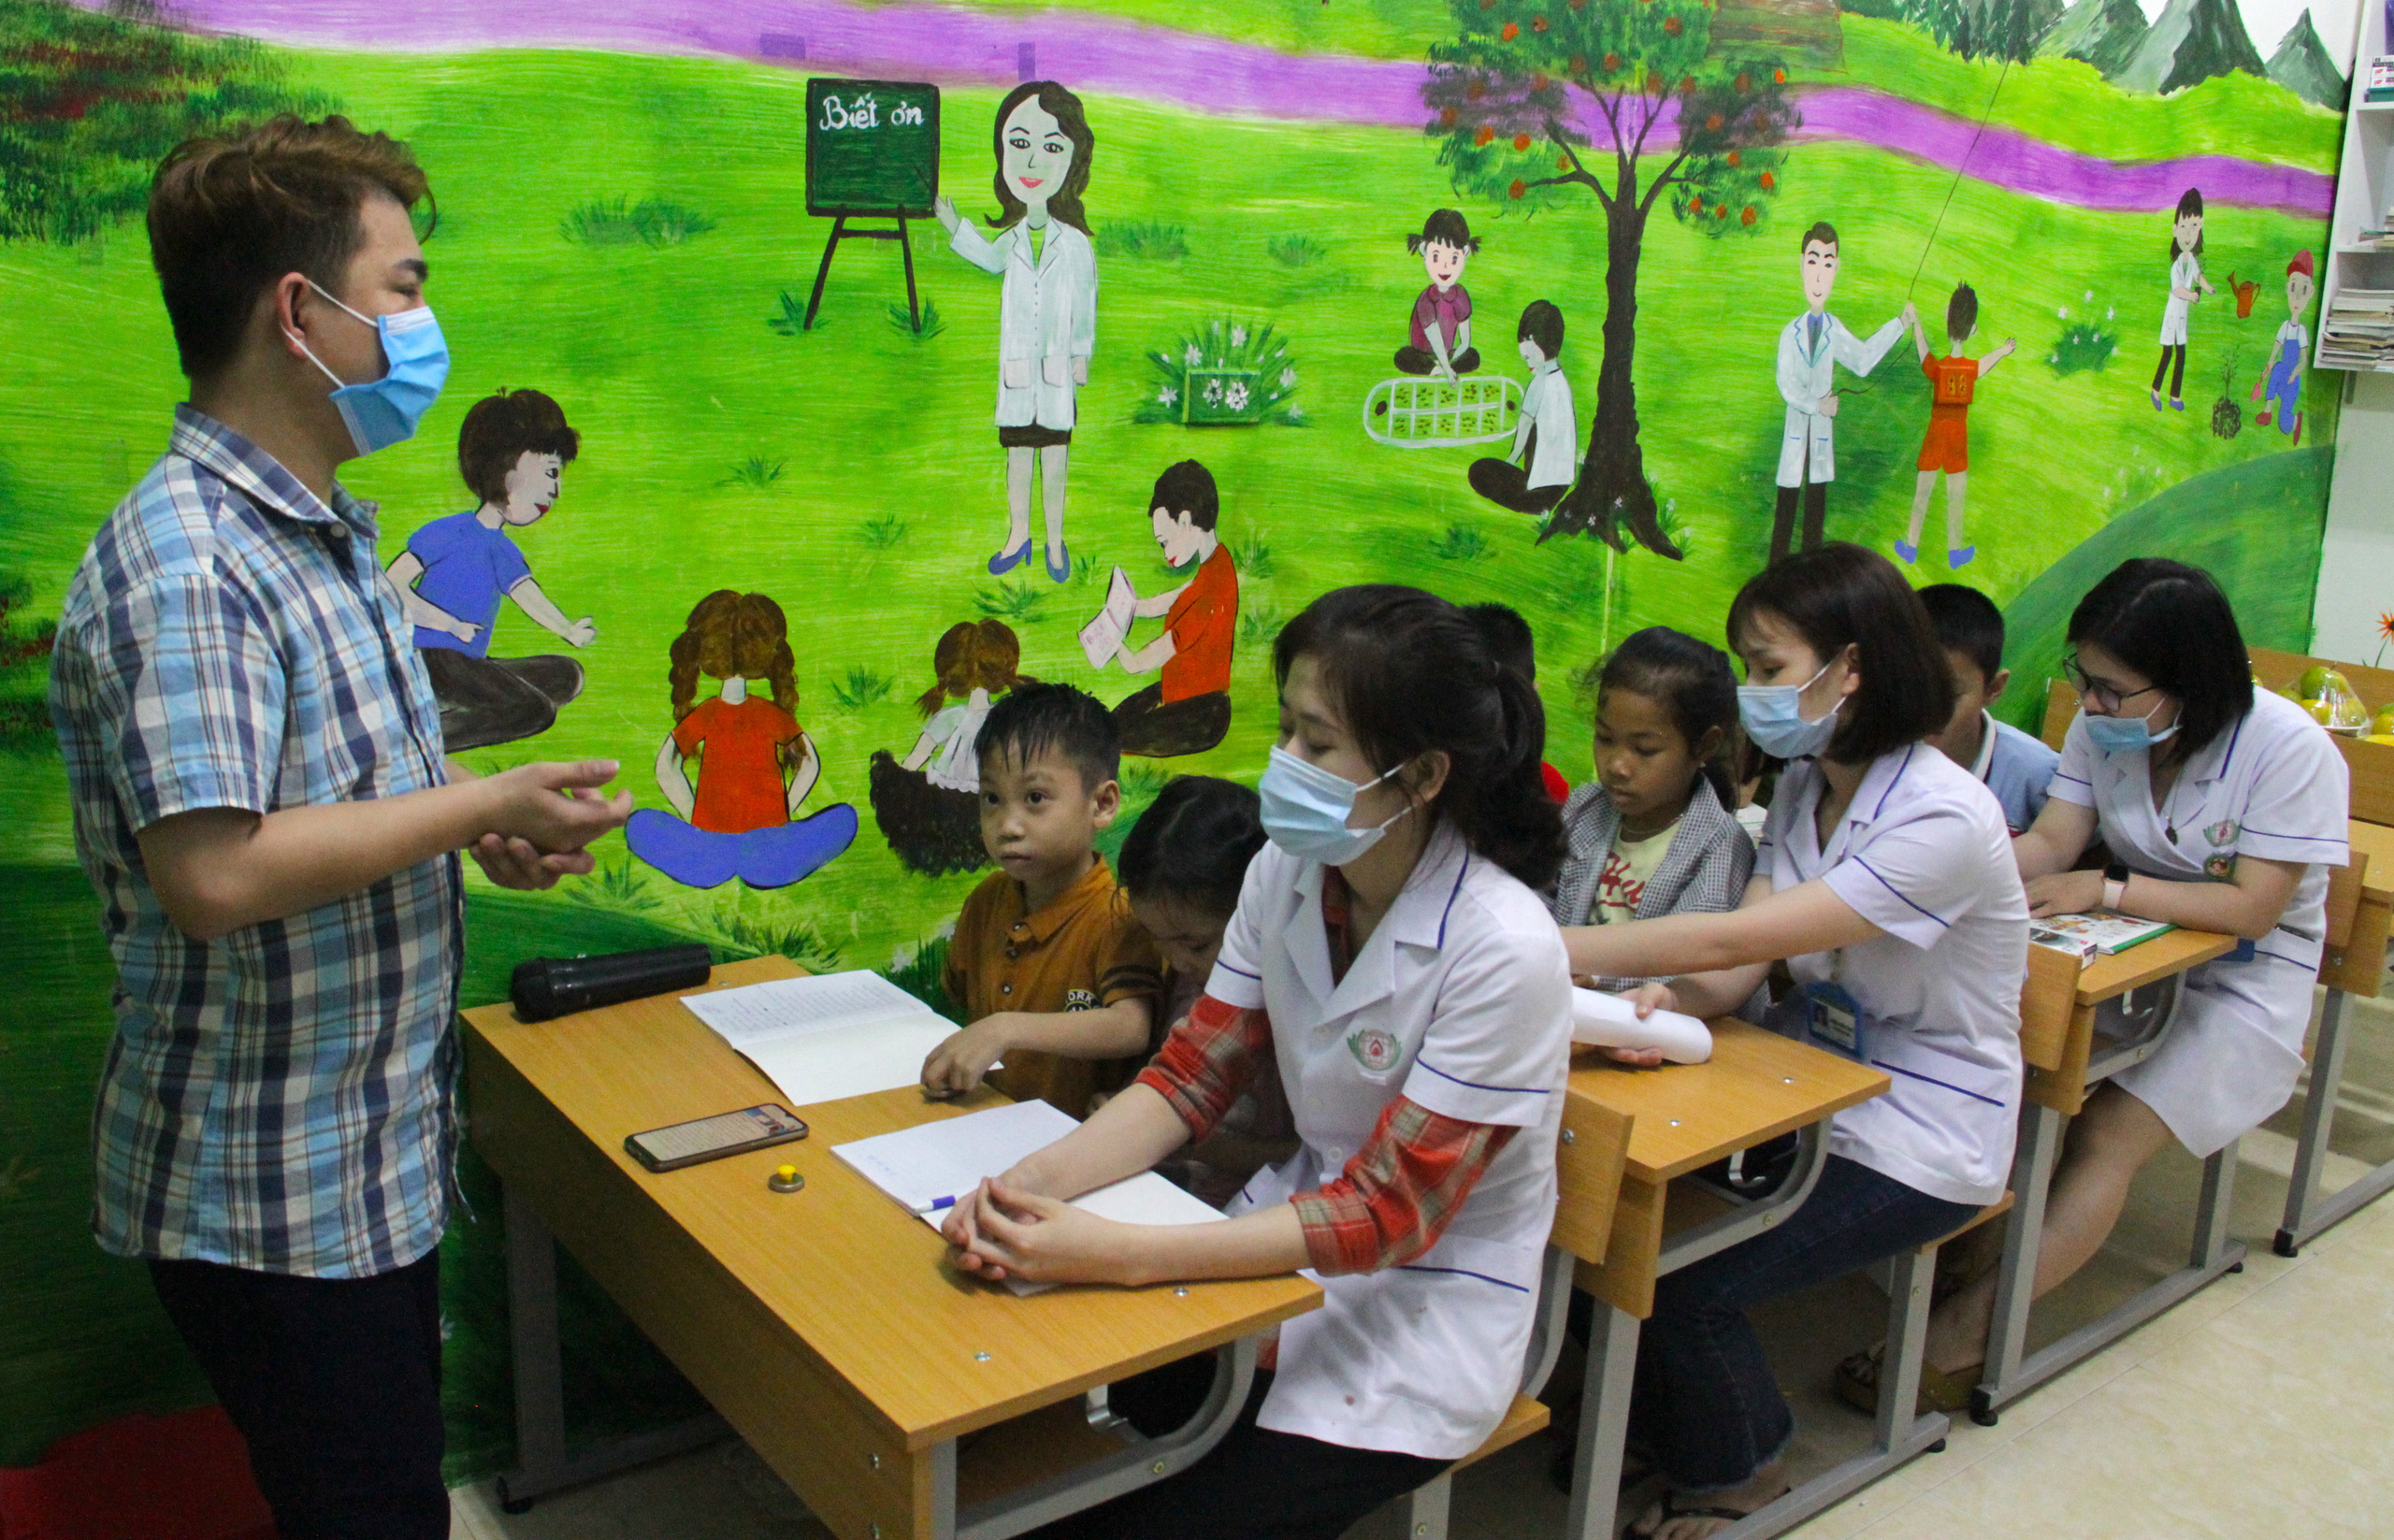 Lớp học đặc biệt trong trung tâm truyền máu, thầy cô là những người khoác áo blouse trắng - Ảnh 4.